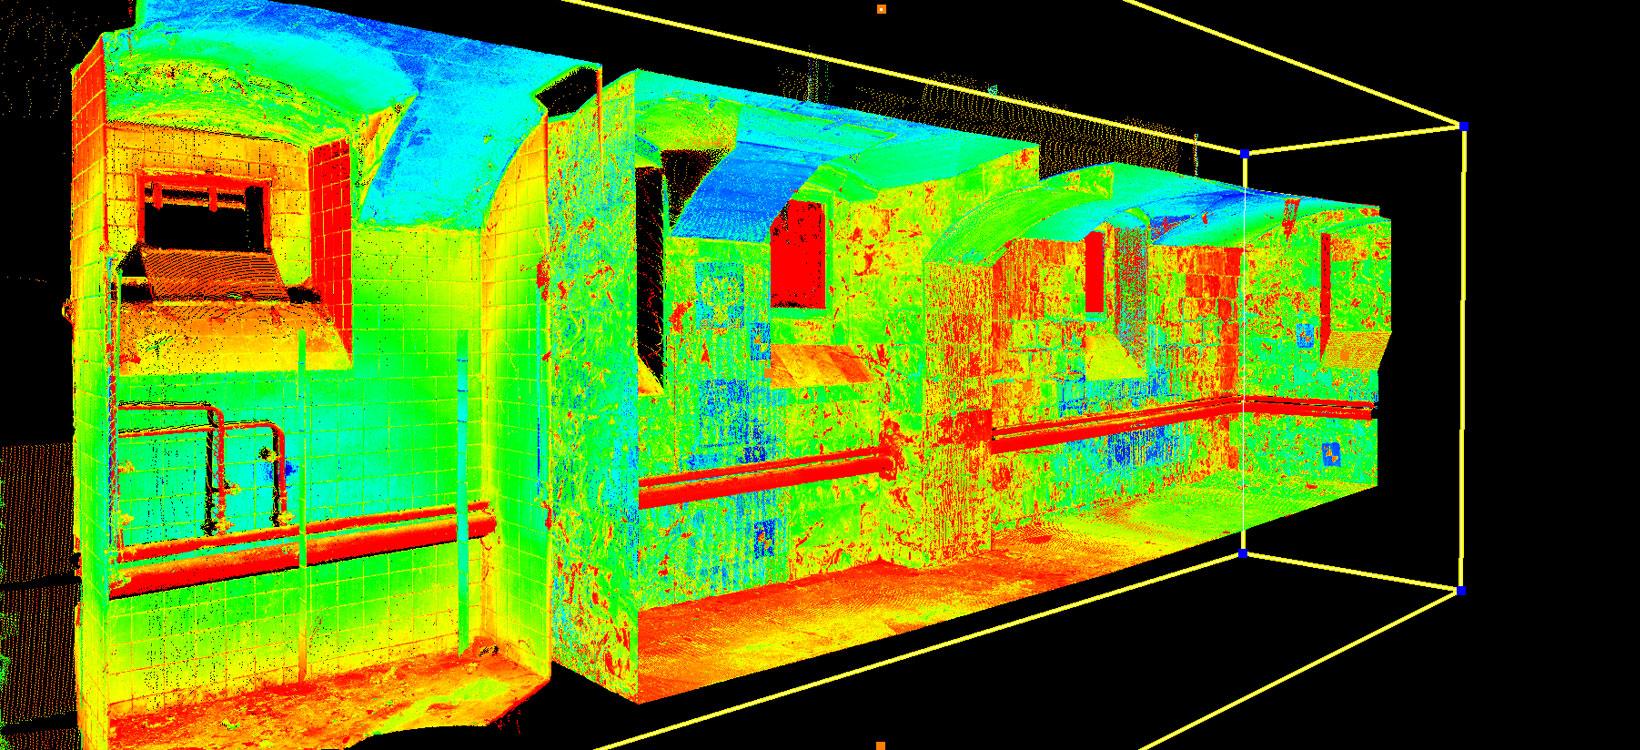 3d laser scanner, jasa 3d laser scanning, jual 3d laser scanner, alat survey, renovasi bangunan